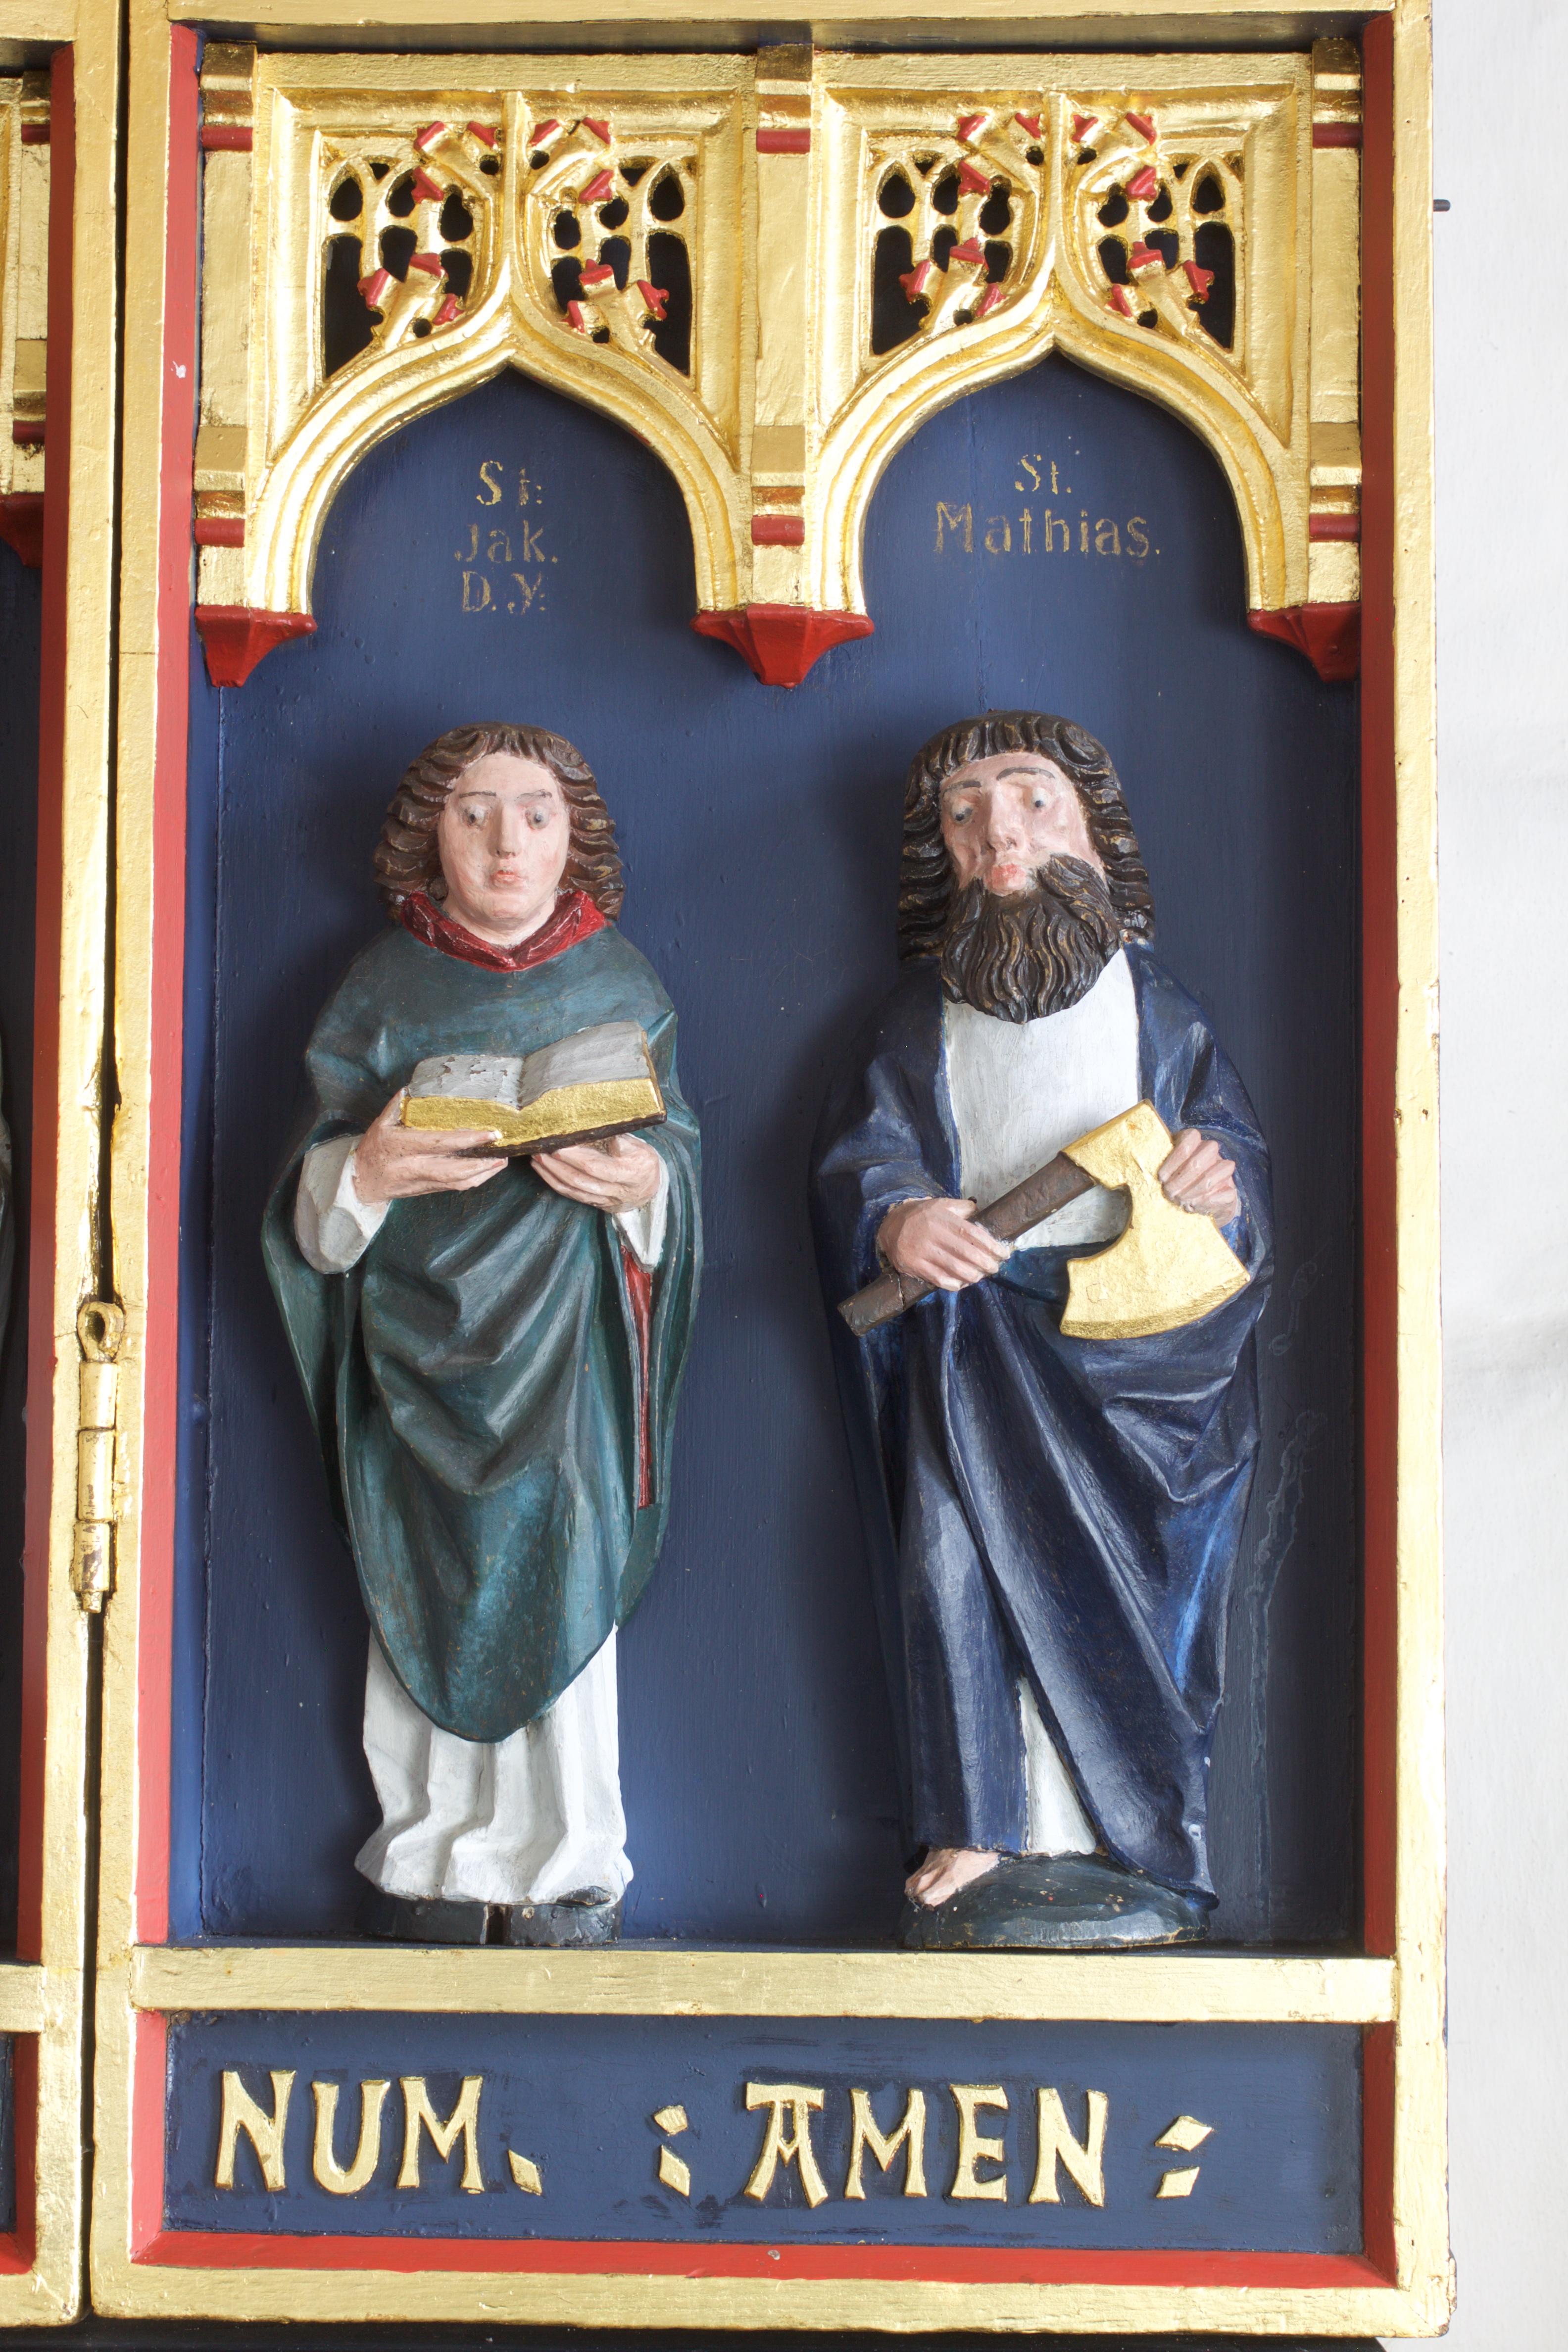 Jakob den yngre med bibel og Mathias med økse